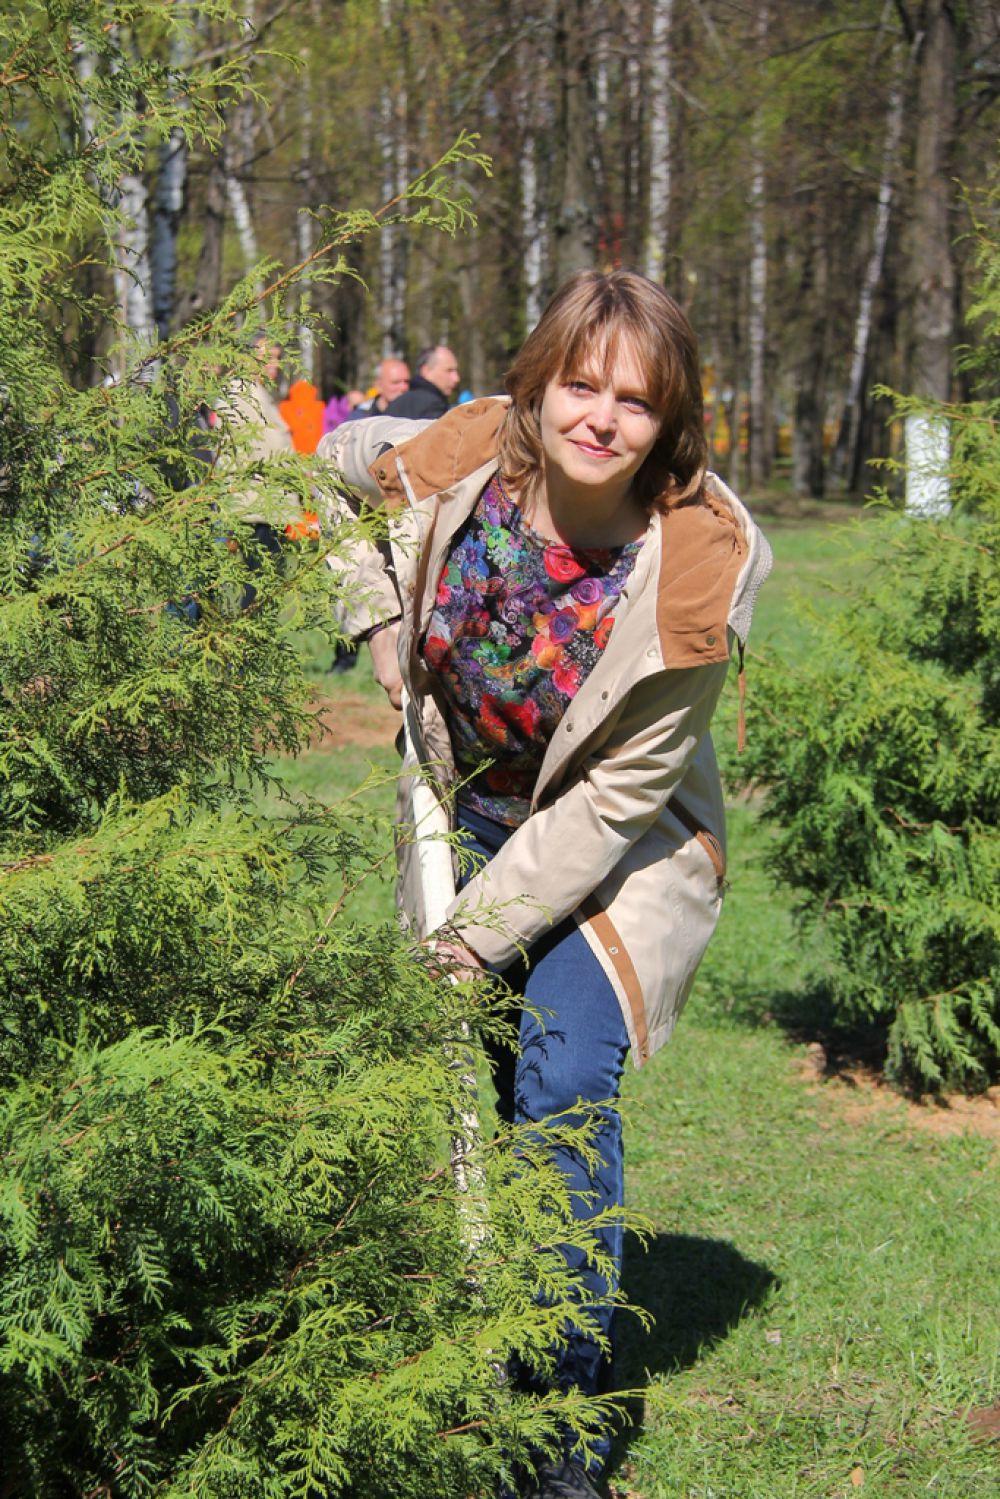 Ирина Гричанюк, директор благотворительного фонда «Красочное общество» при поддержке компании «Ордер»